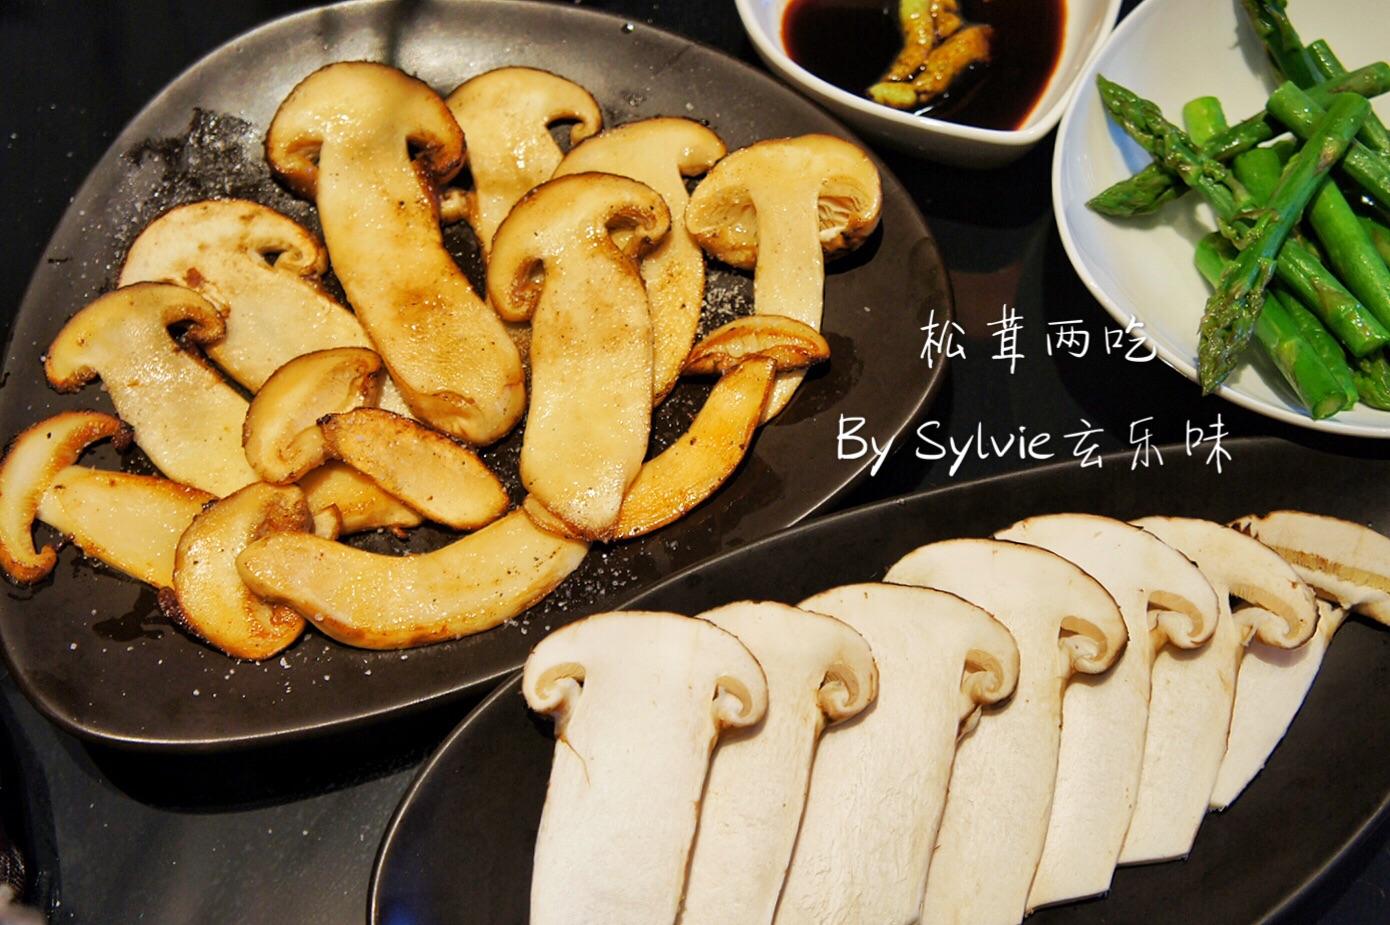 大芋头的做法_一只松茸的N种吃法--大云南野生菌(1)的做法_【图解】一只松茸 ...